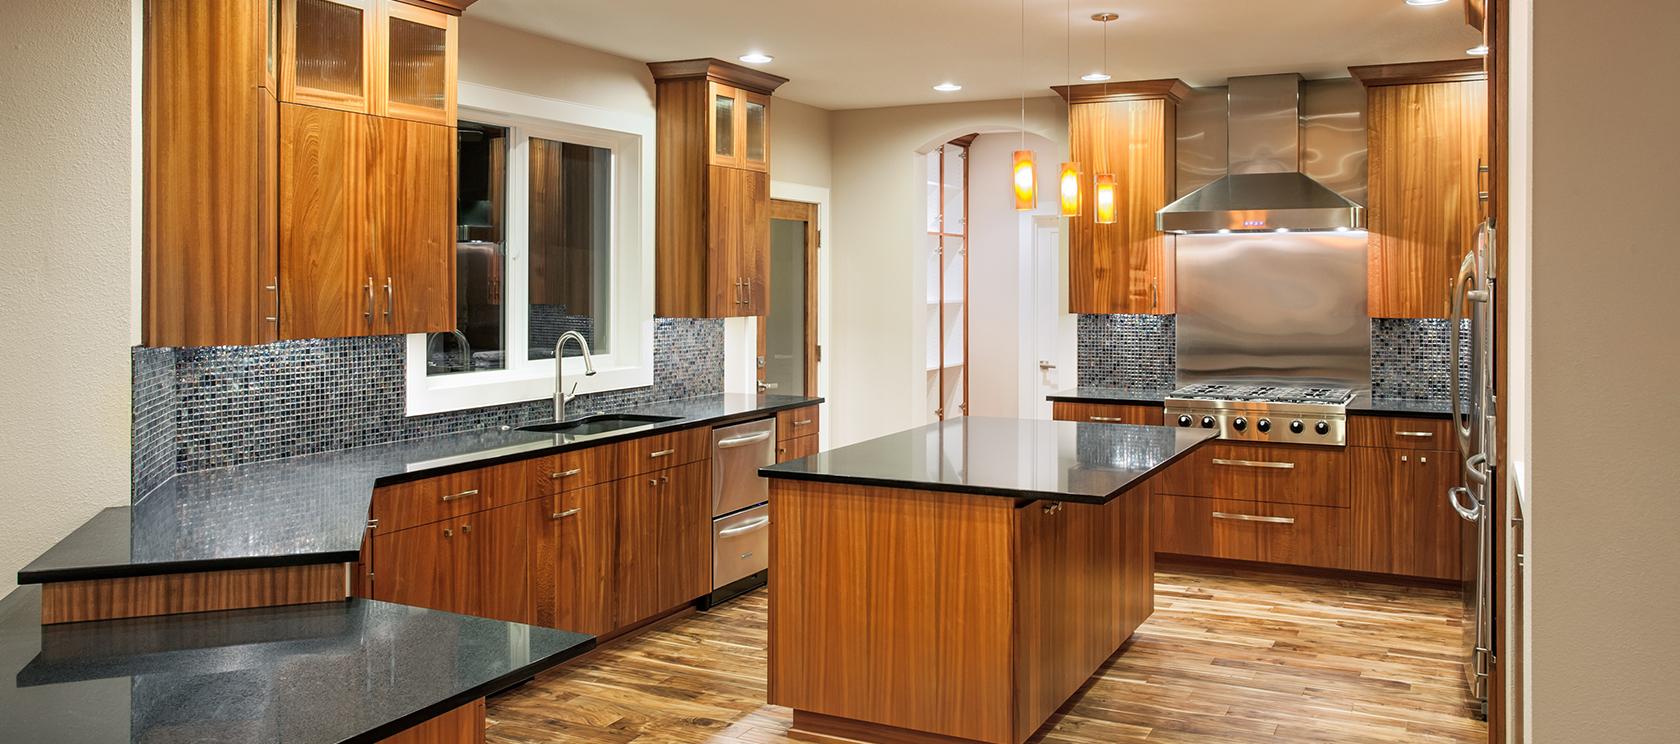 Granite & Quartz Kitchen Countertops